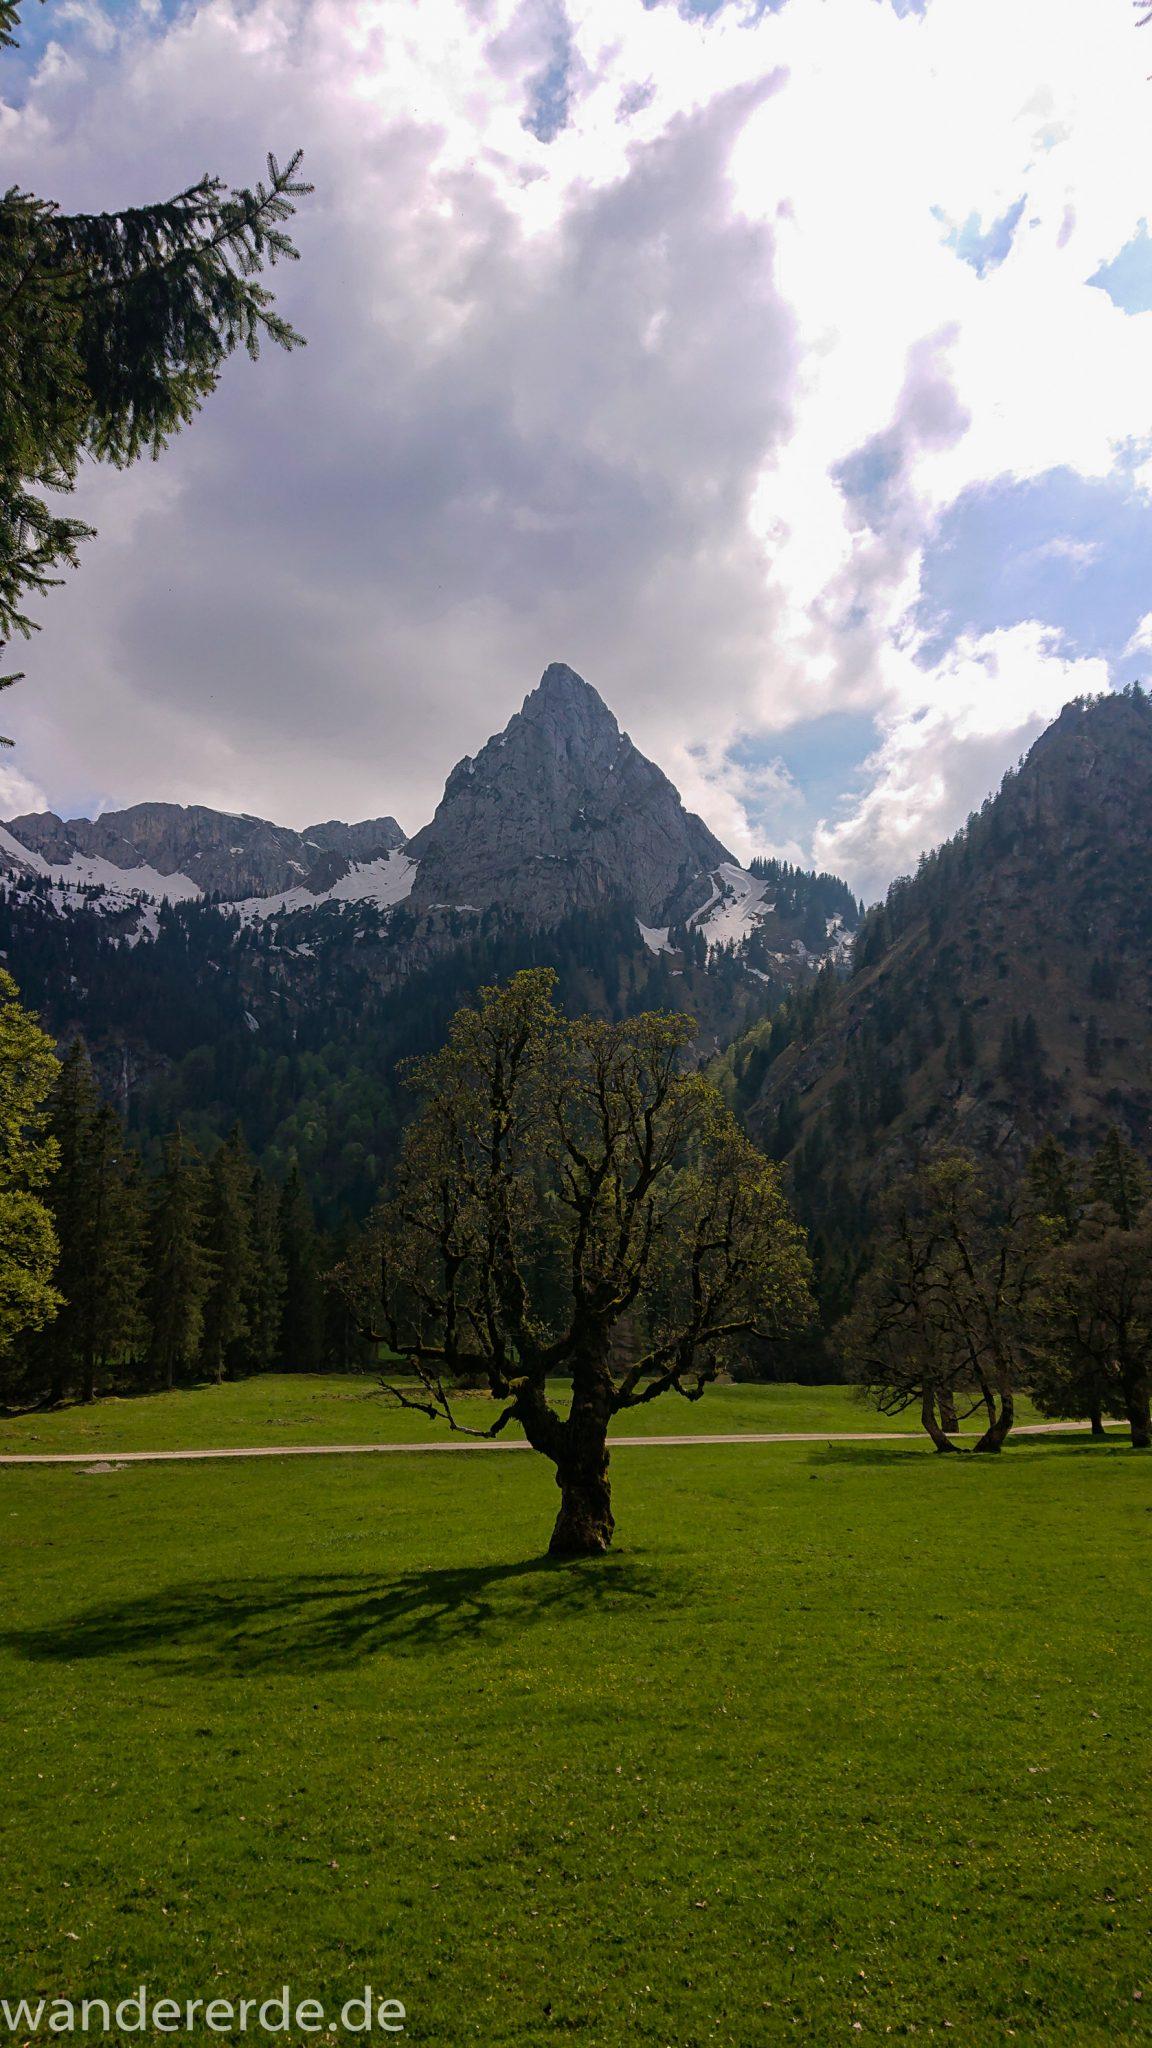 Wanderung zur Kenzenhütte in den Ammergauer Alpen, Aussicht auf die Berge, spitzer Gipfel und schöner Laubbaum prägen dieses Bild, Frühjahr in den bayerischen Alpen, Wanderweg führt entlang dichtem grünen Wald und saftigen Wiesen